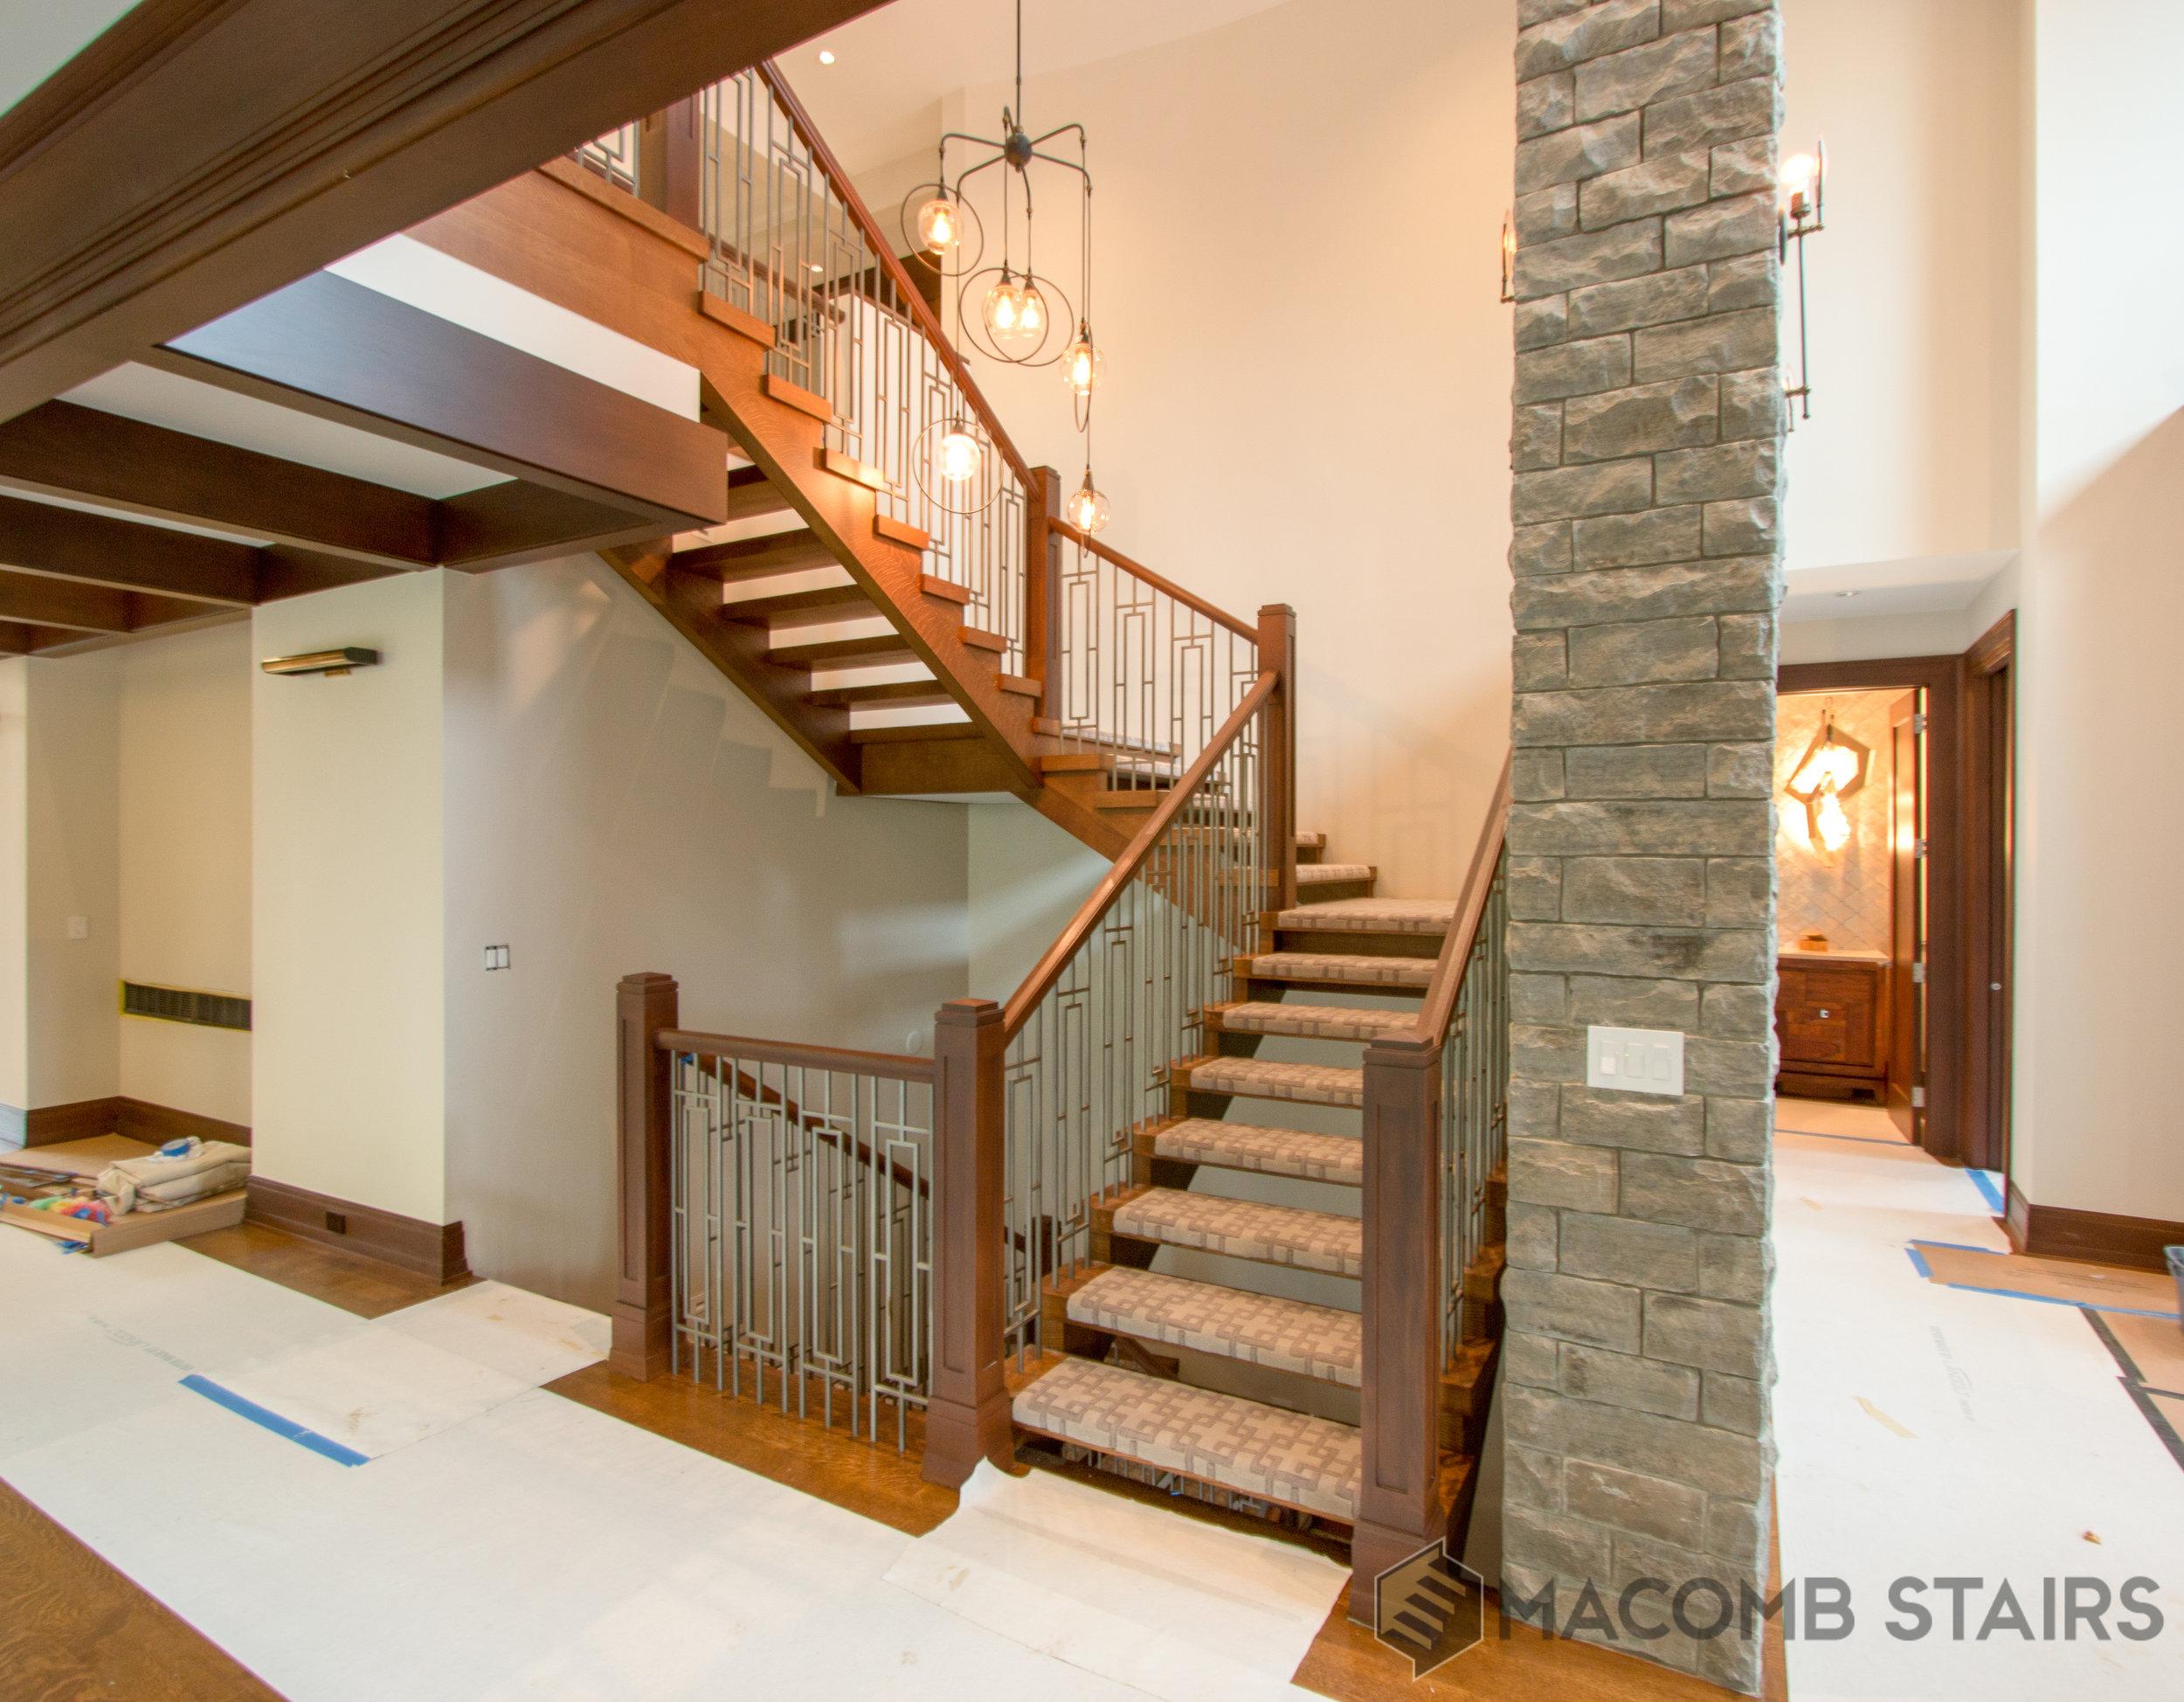 Macomb Stairs- Stair Photo-250.jpg